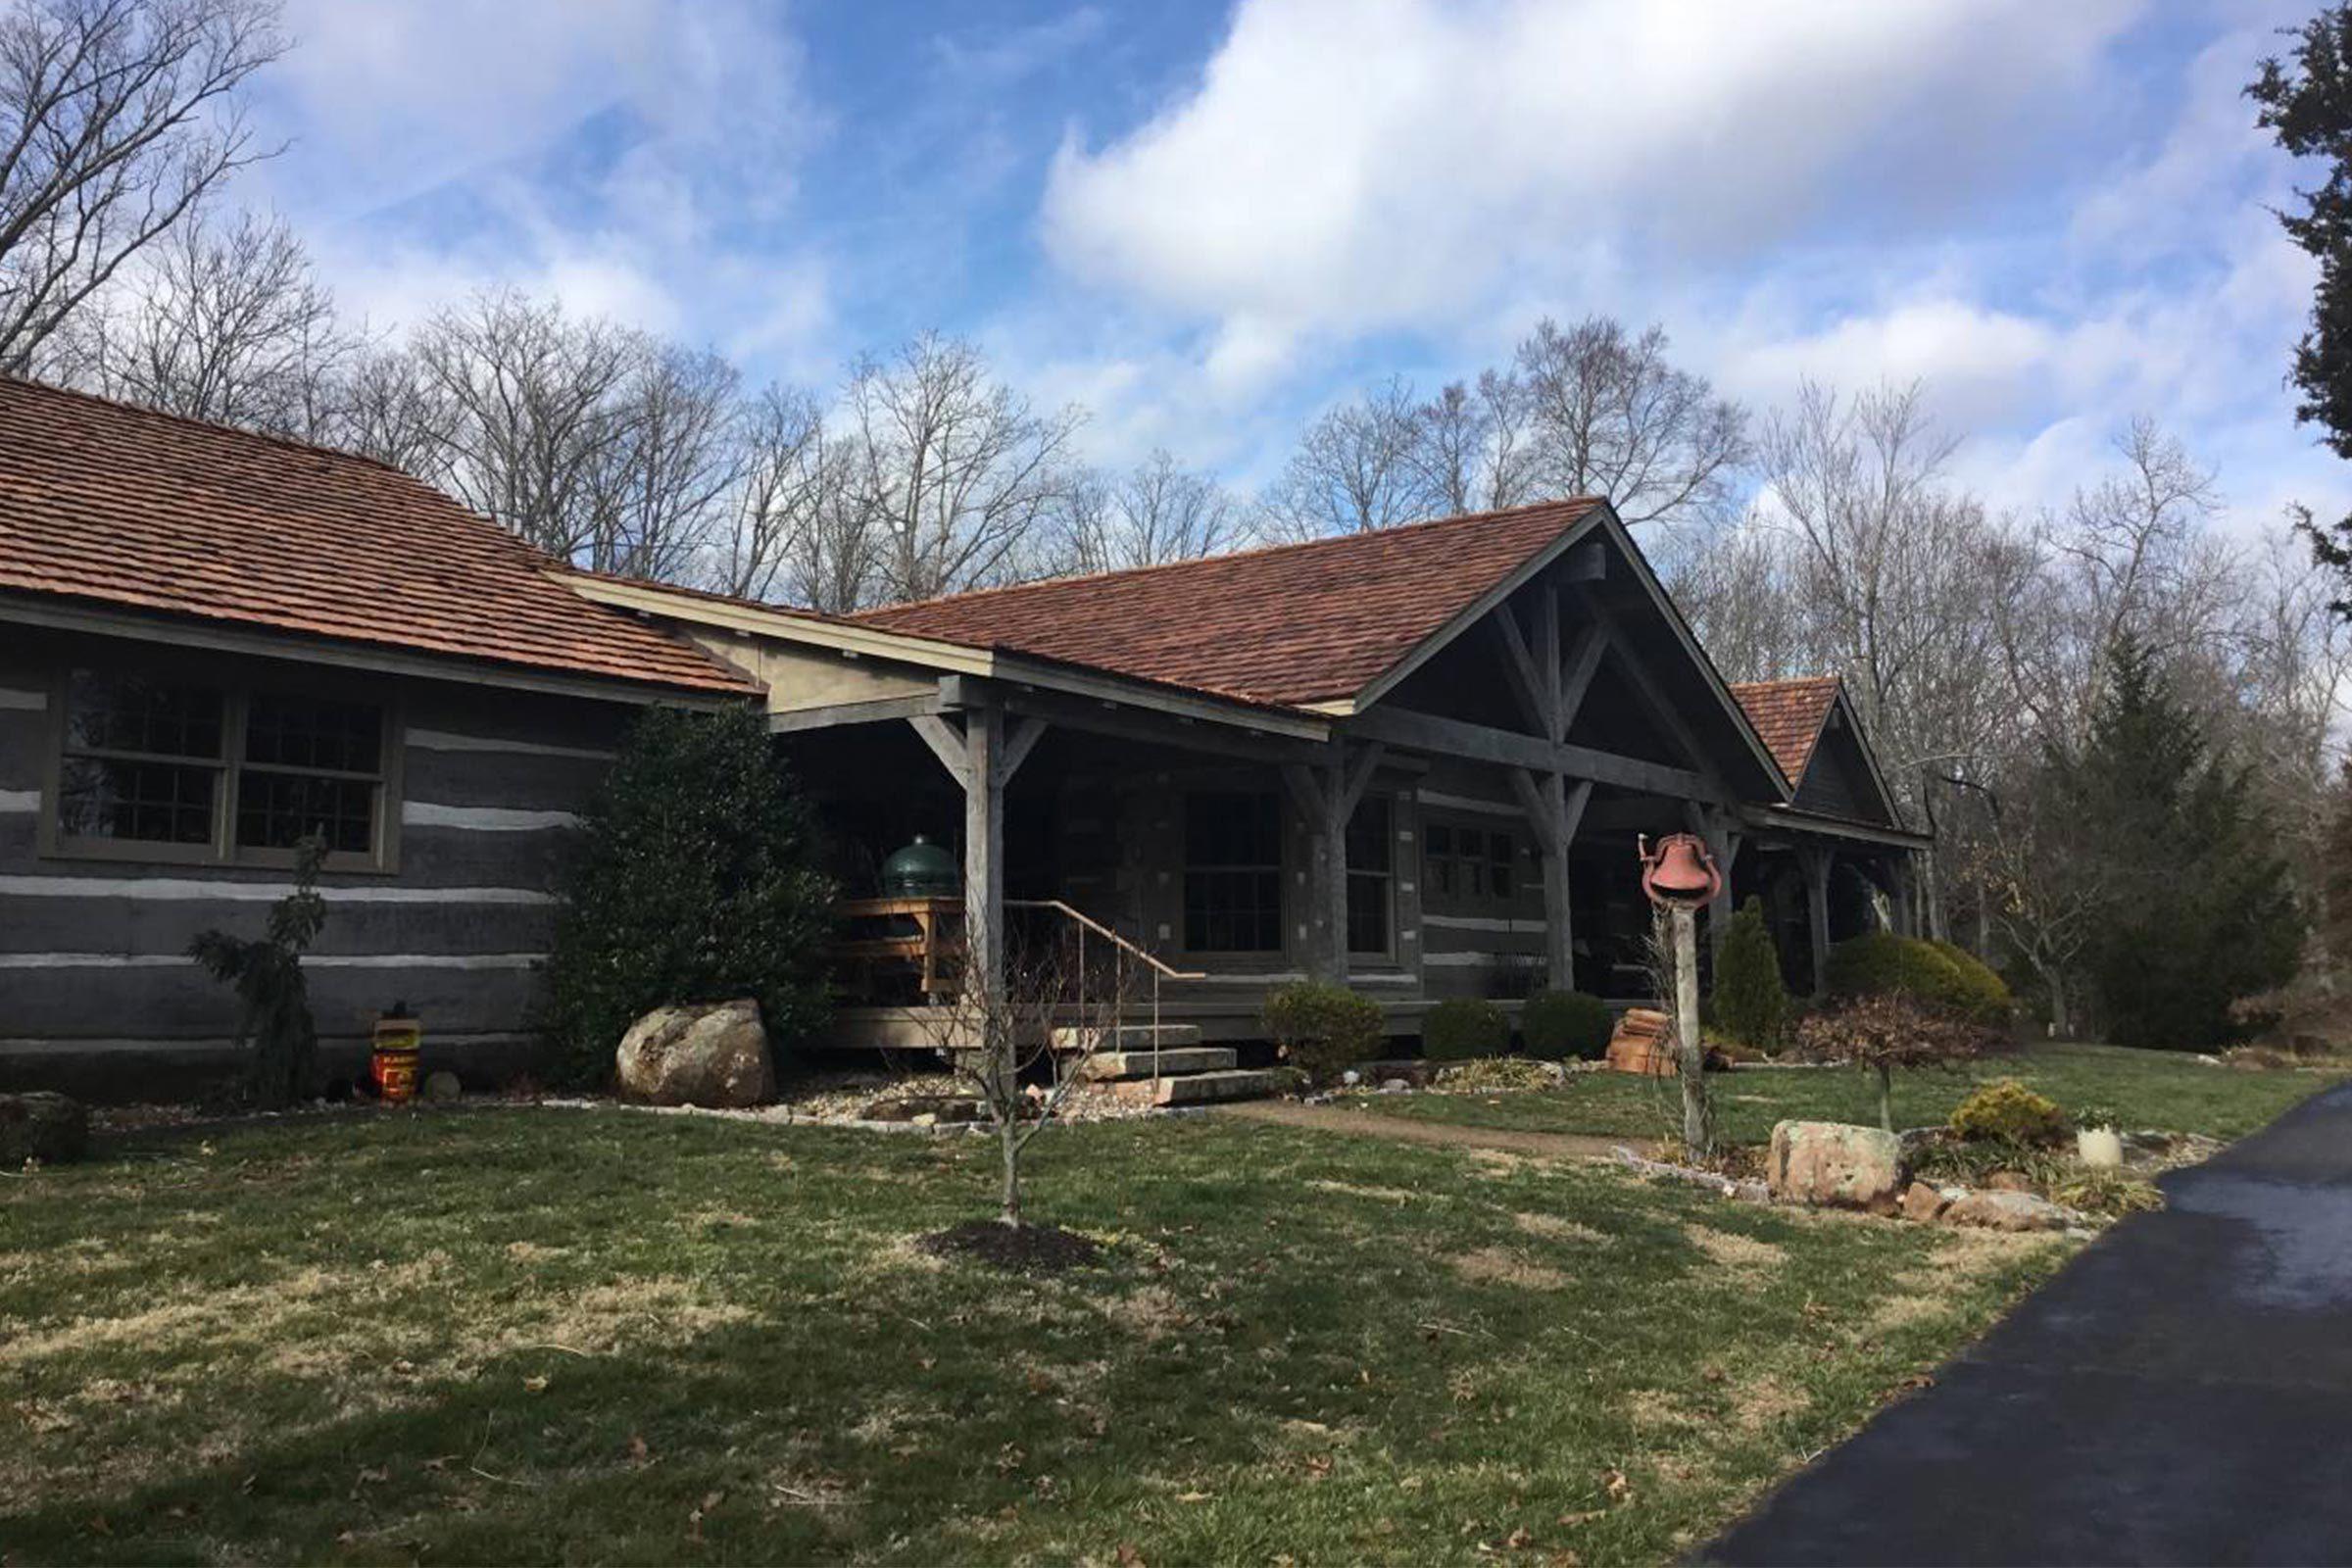 Missouri airbnb